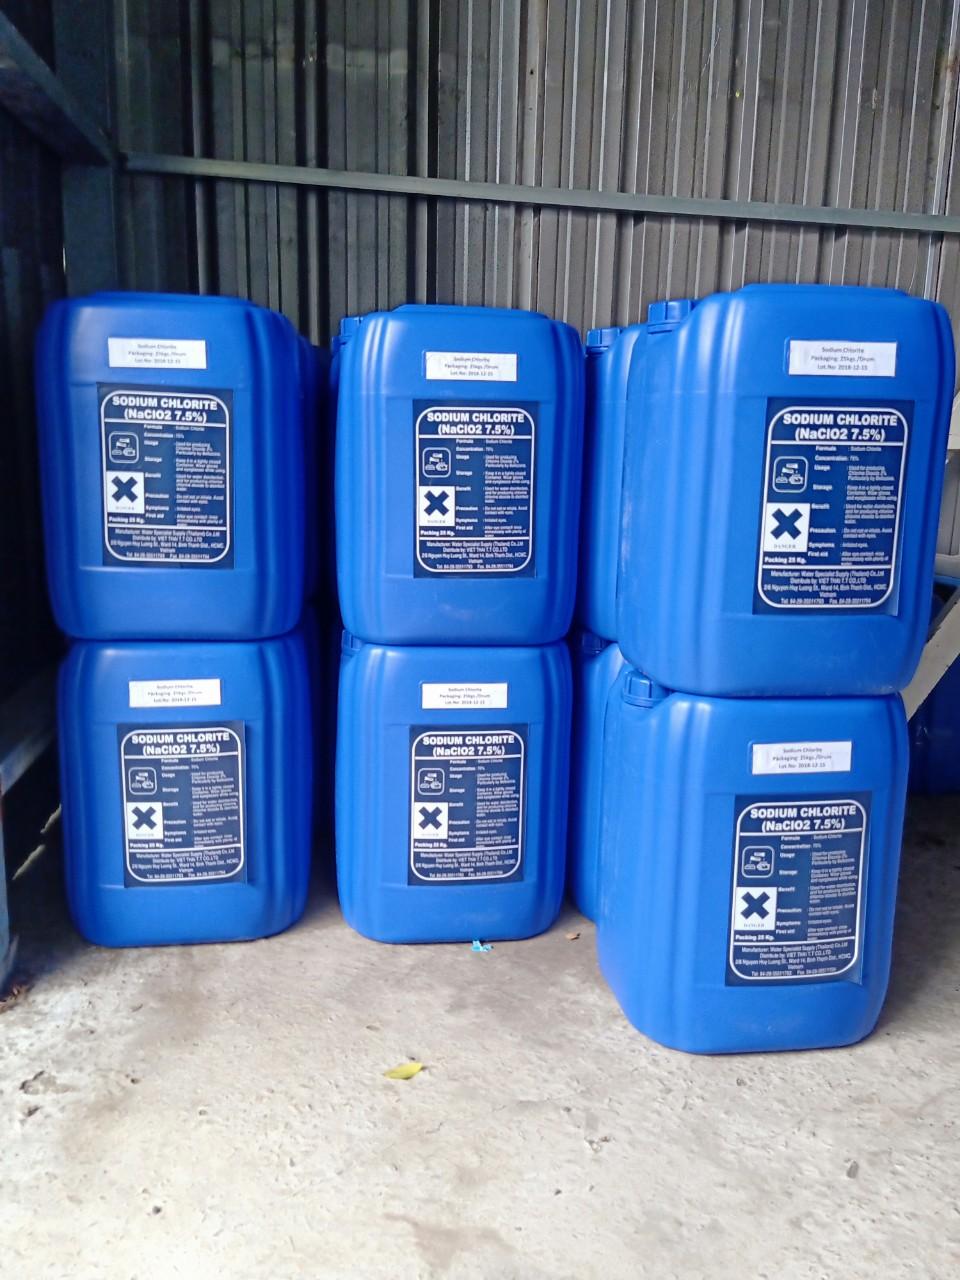 Hóa Chất Sodium Chlorite (NaCLO2) nồng độ 7,5%